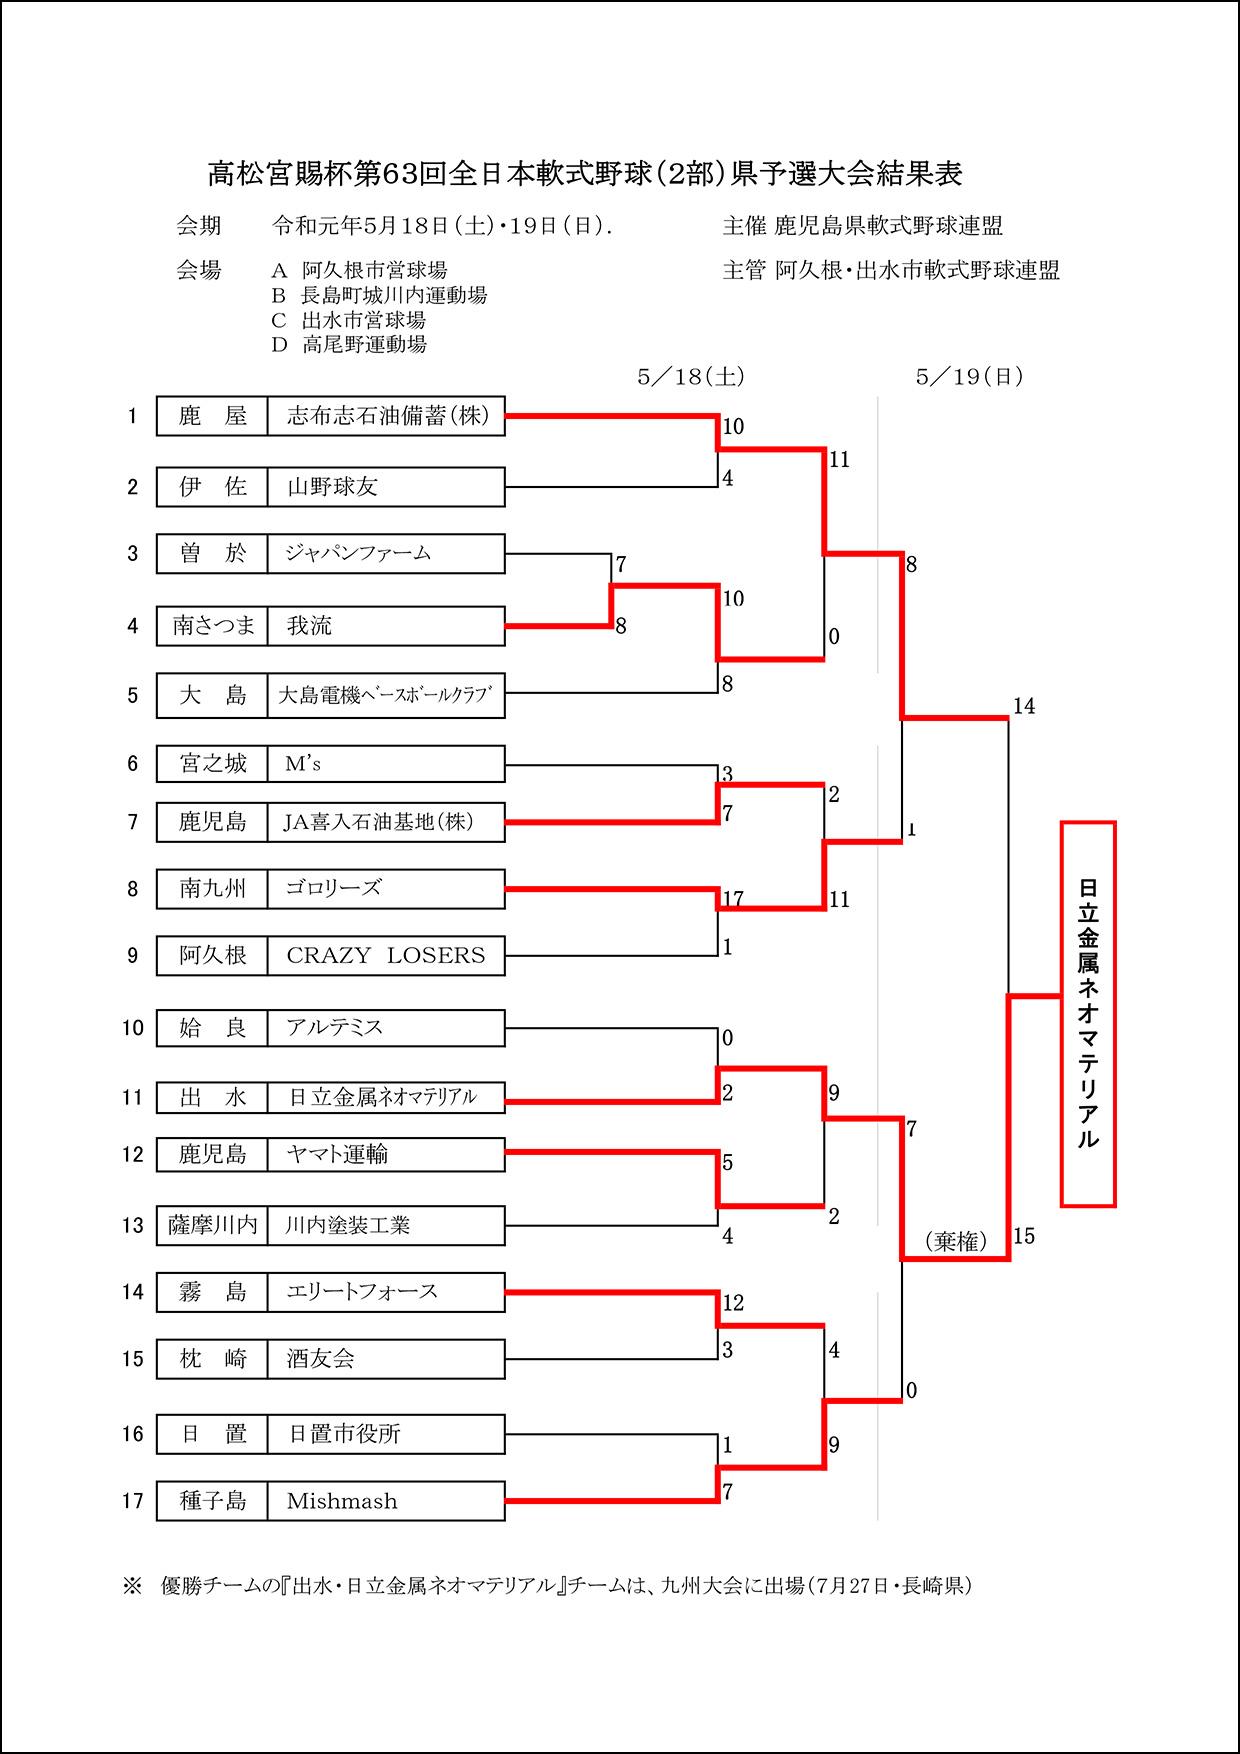 【結果】高松宮賜杯第63回全日本軟式野球(2部)県予選大会